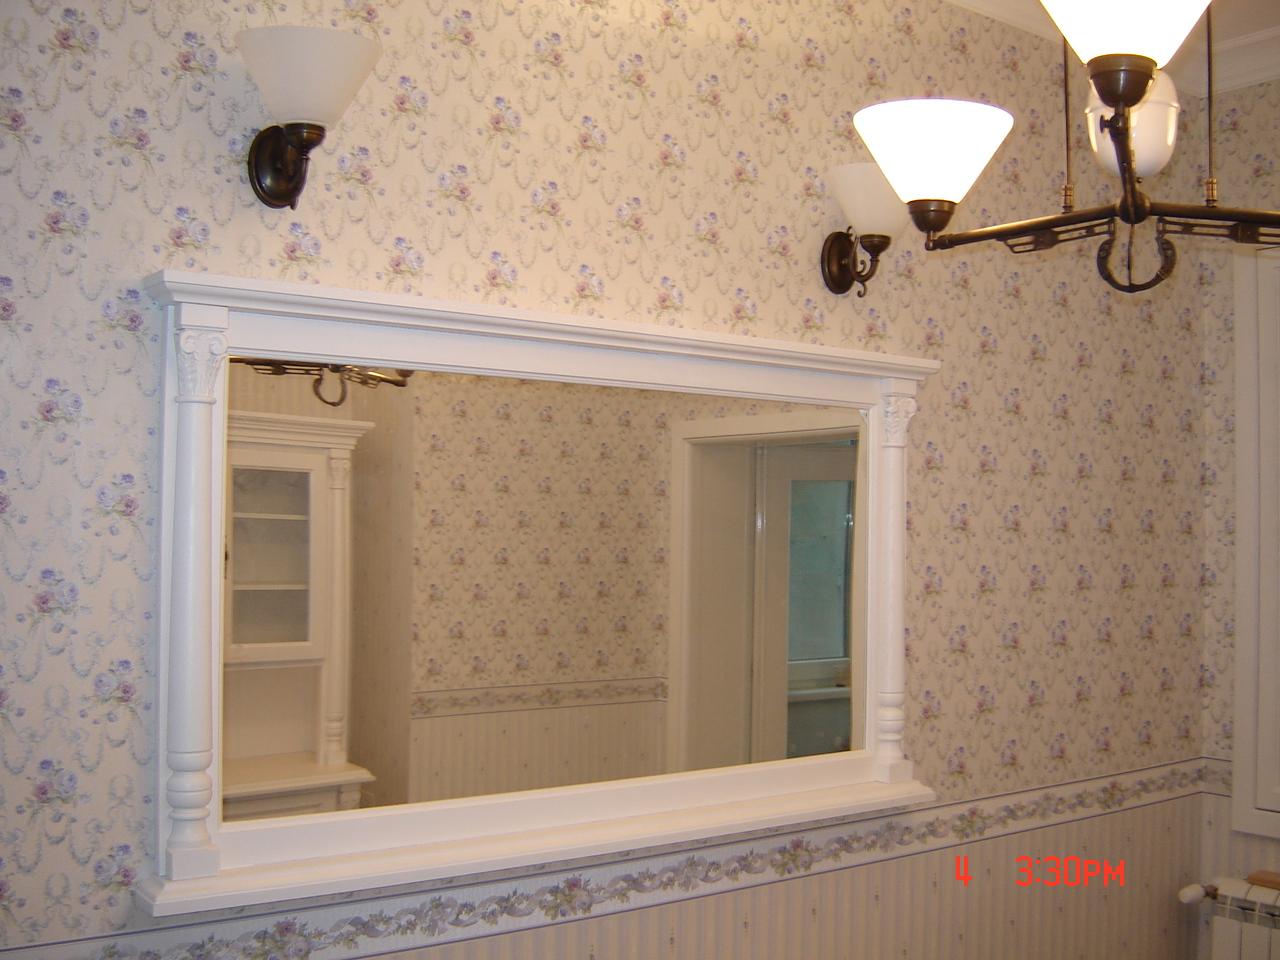 ogledalna-ramka-bed-100